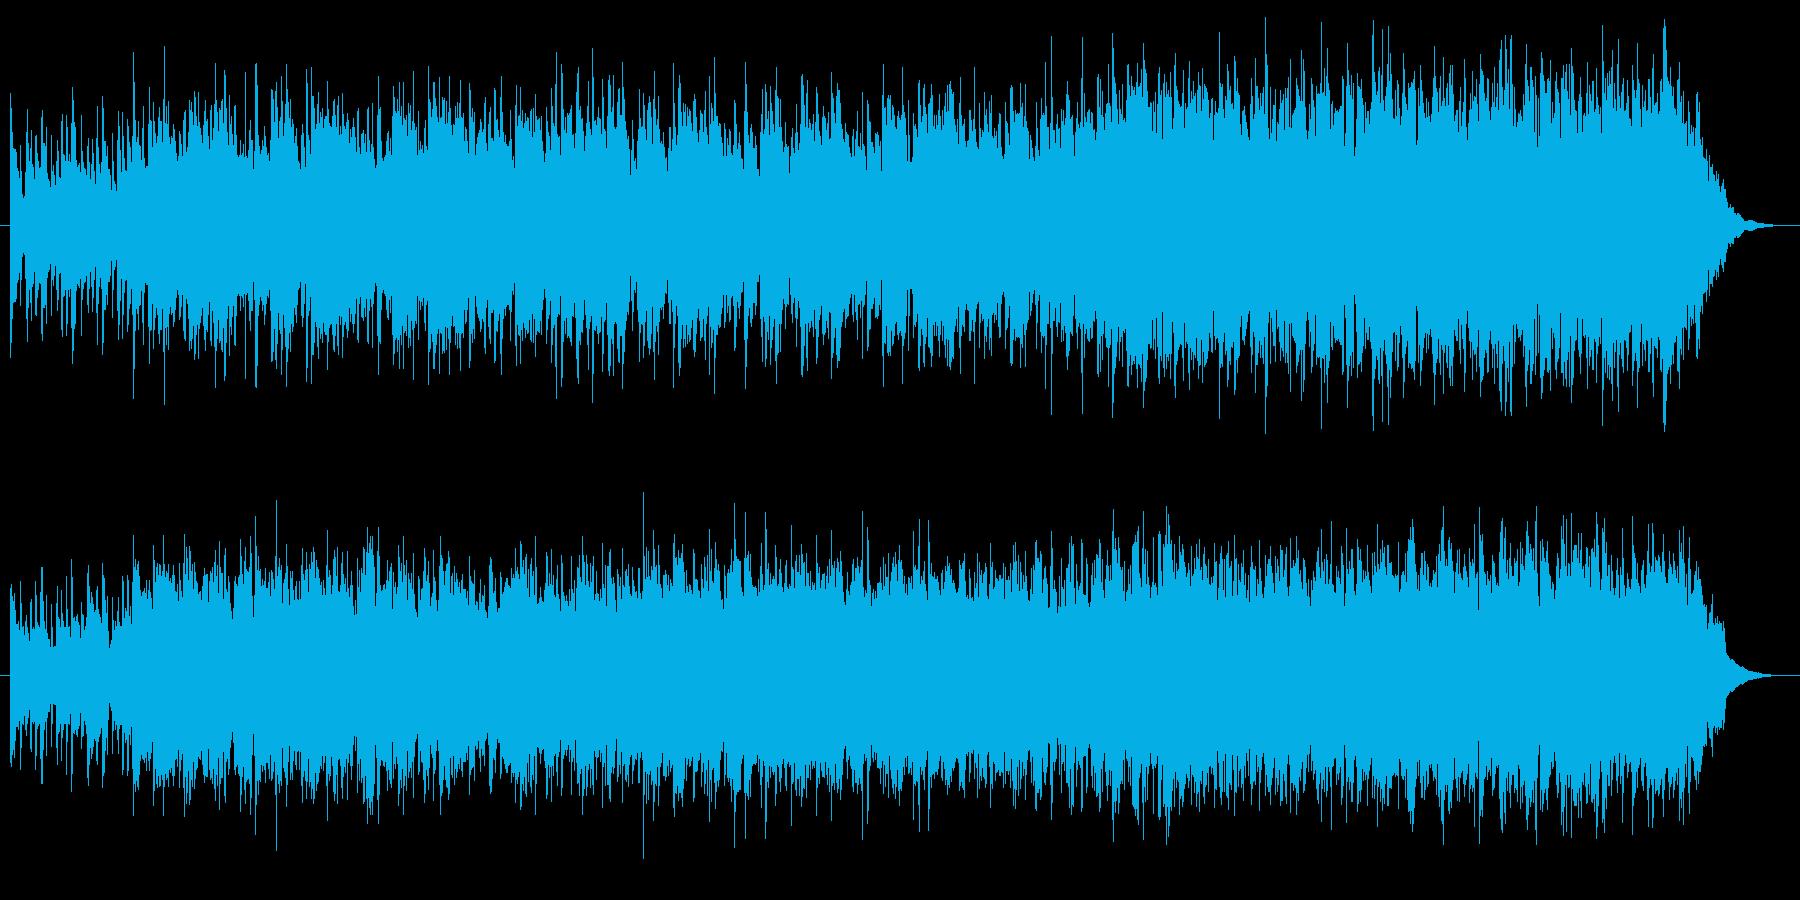 コンドルは飛んで行くのような民族調の曲の再生済みの波形